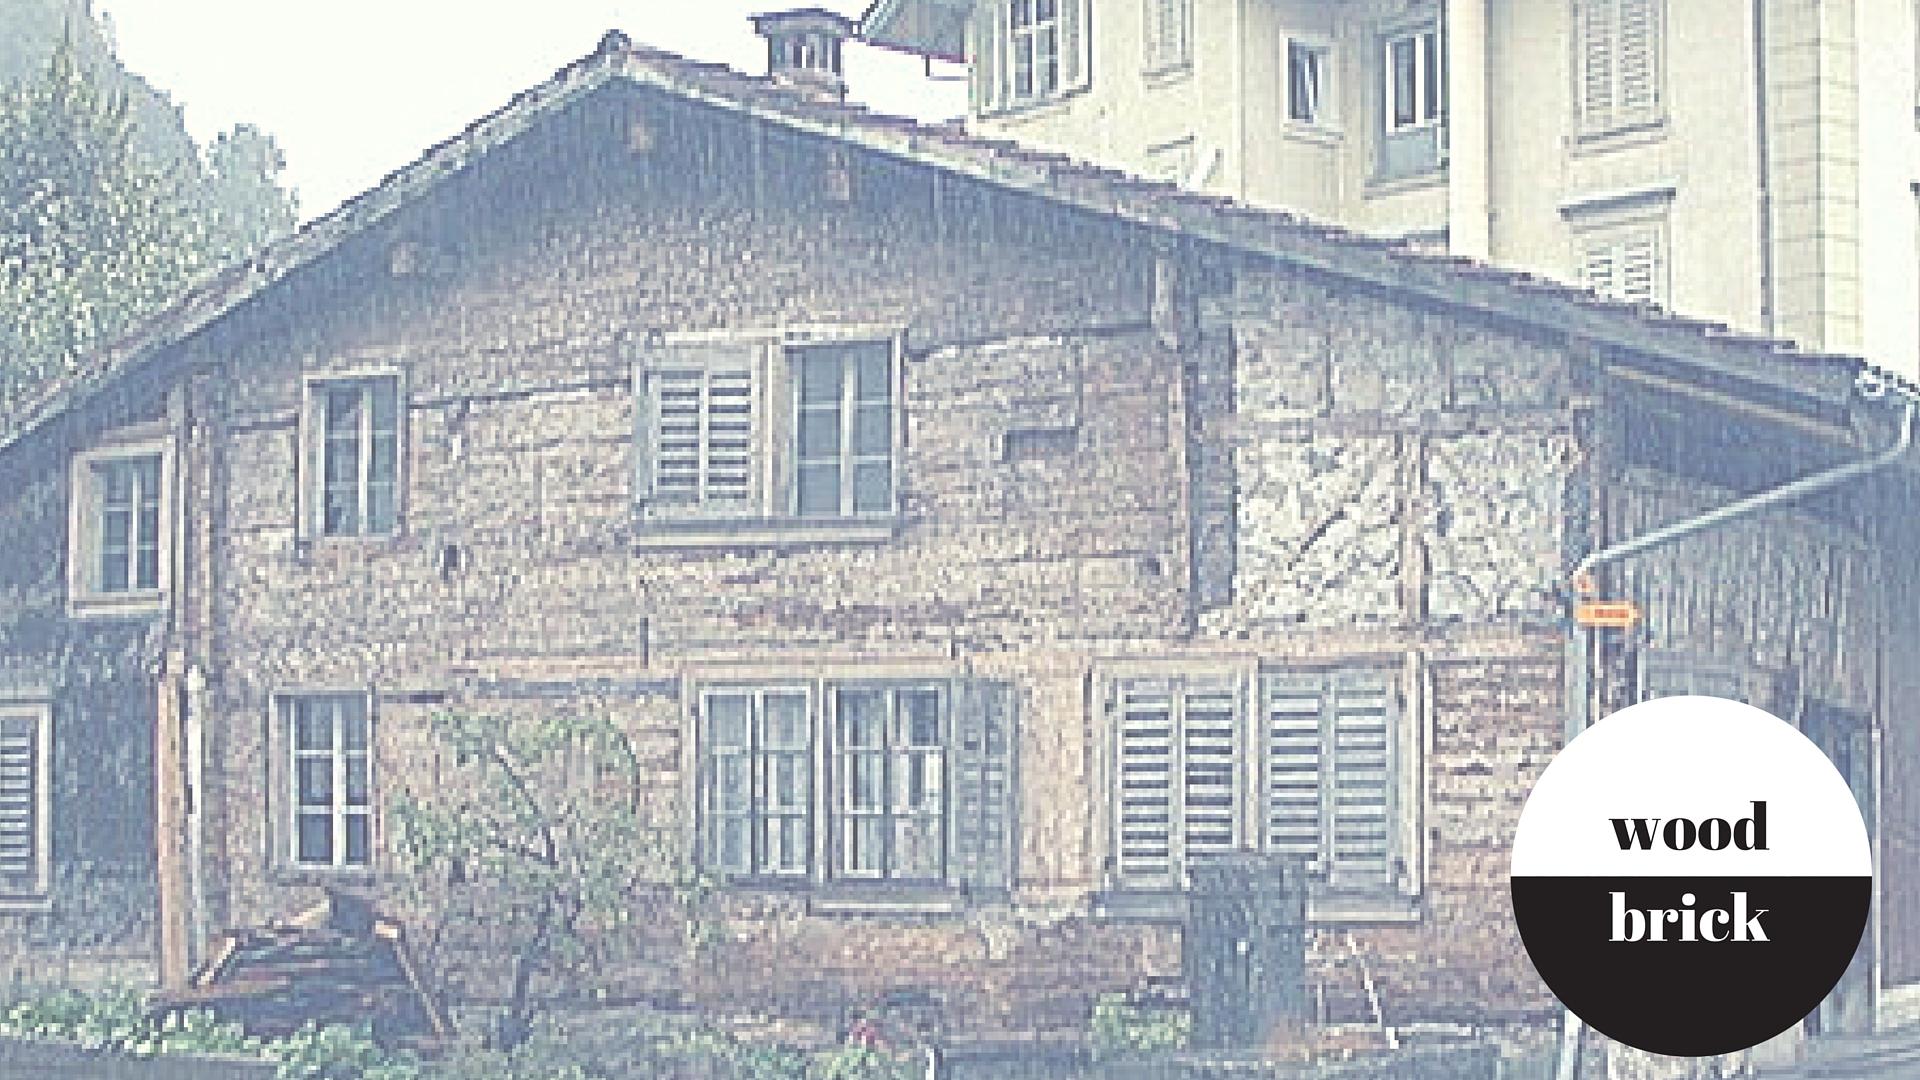 quanto durano le case in legno jove